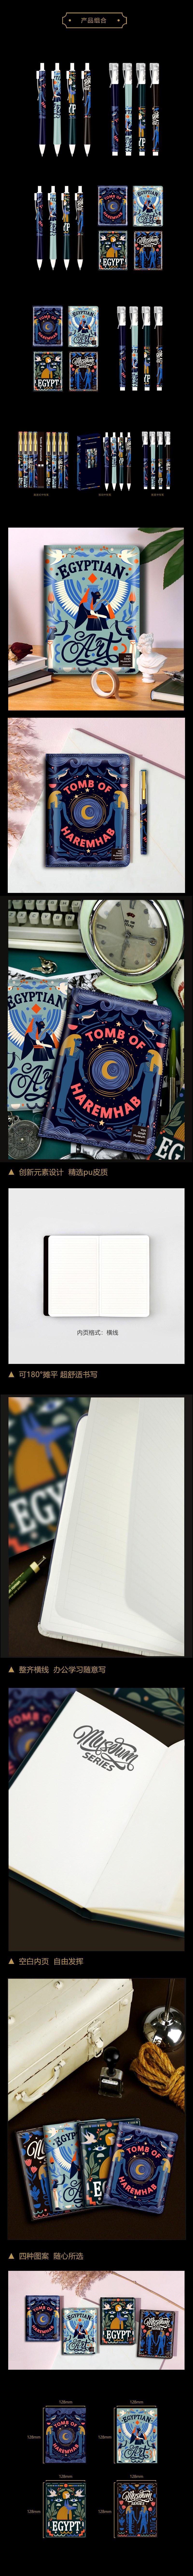 复古主题笔记本